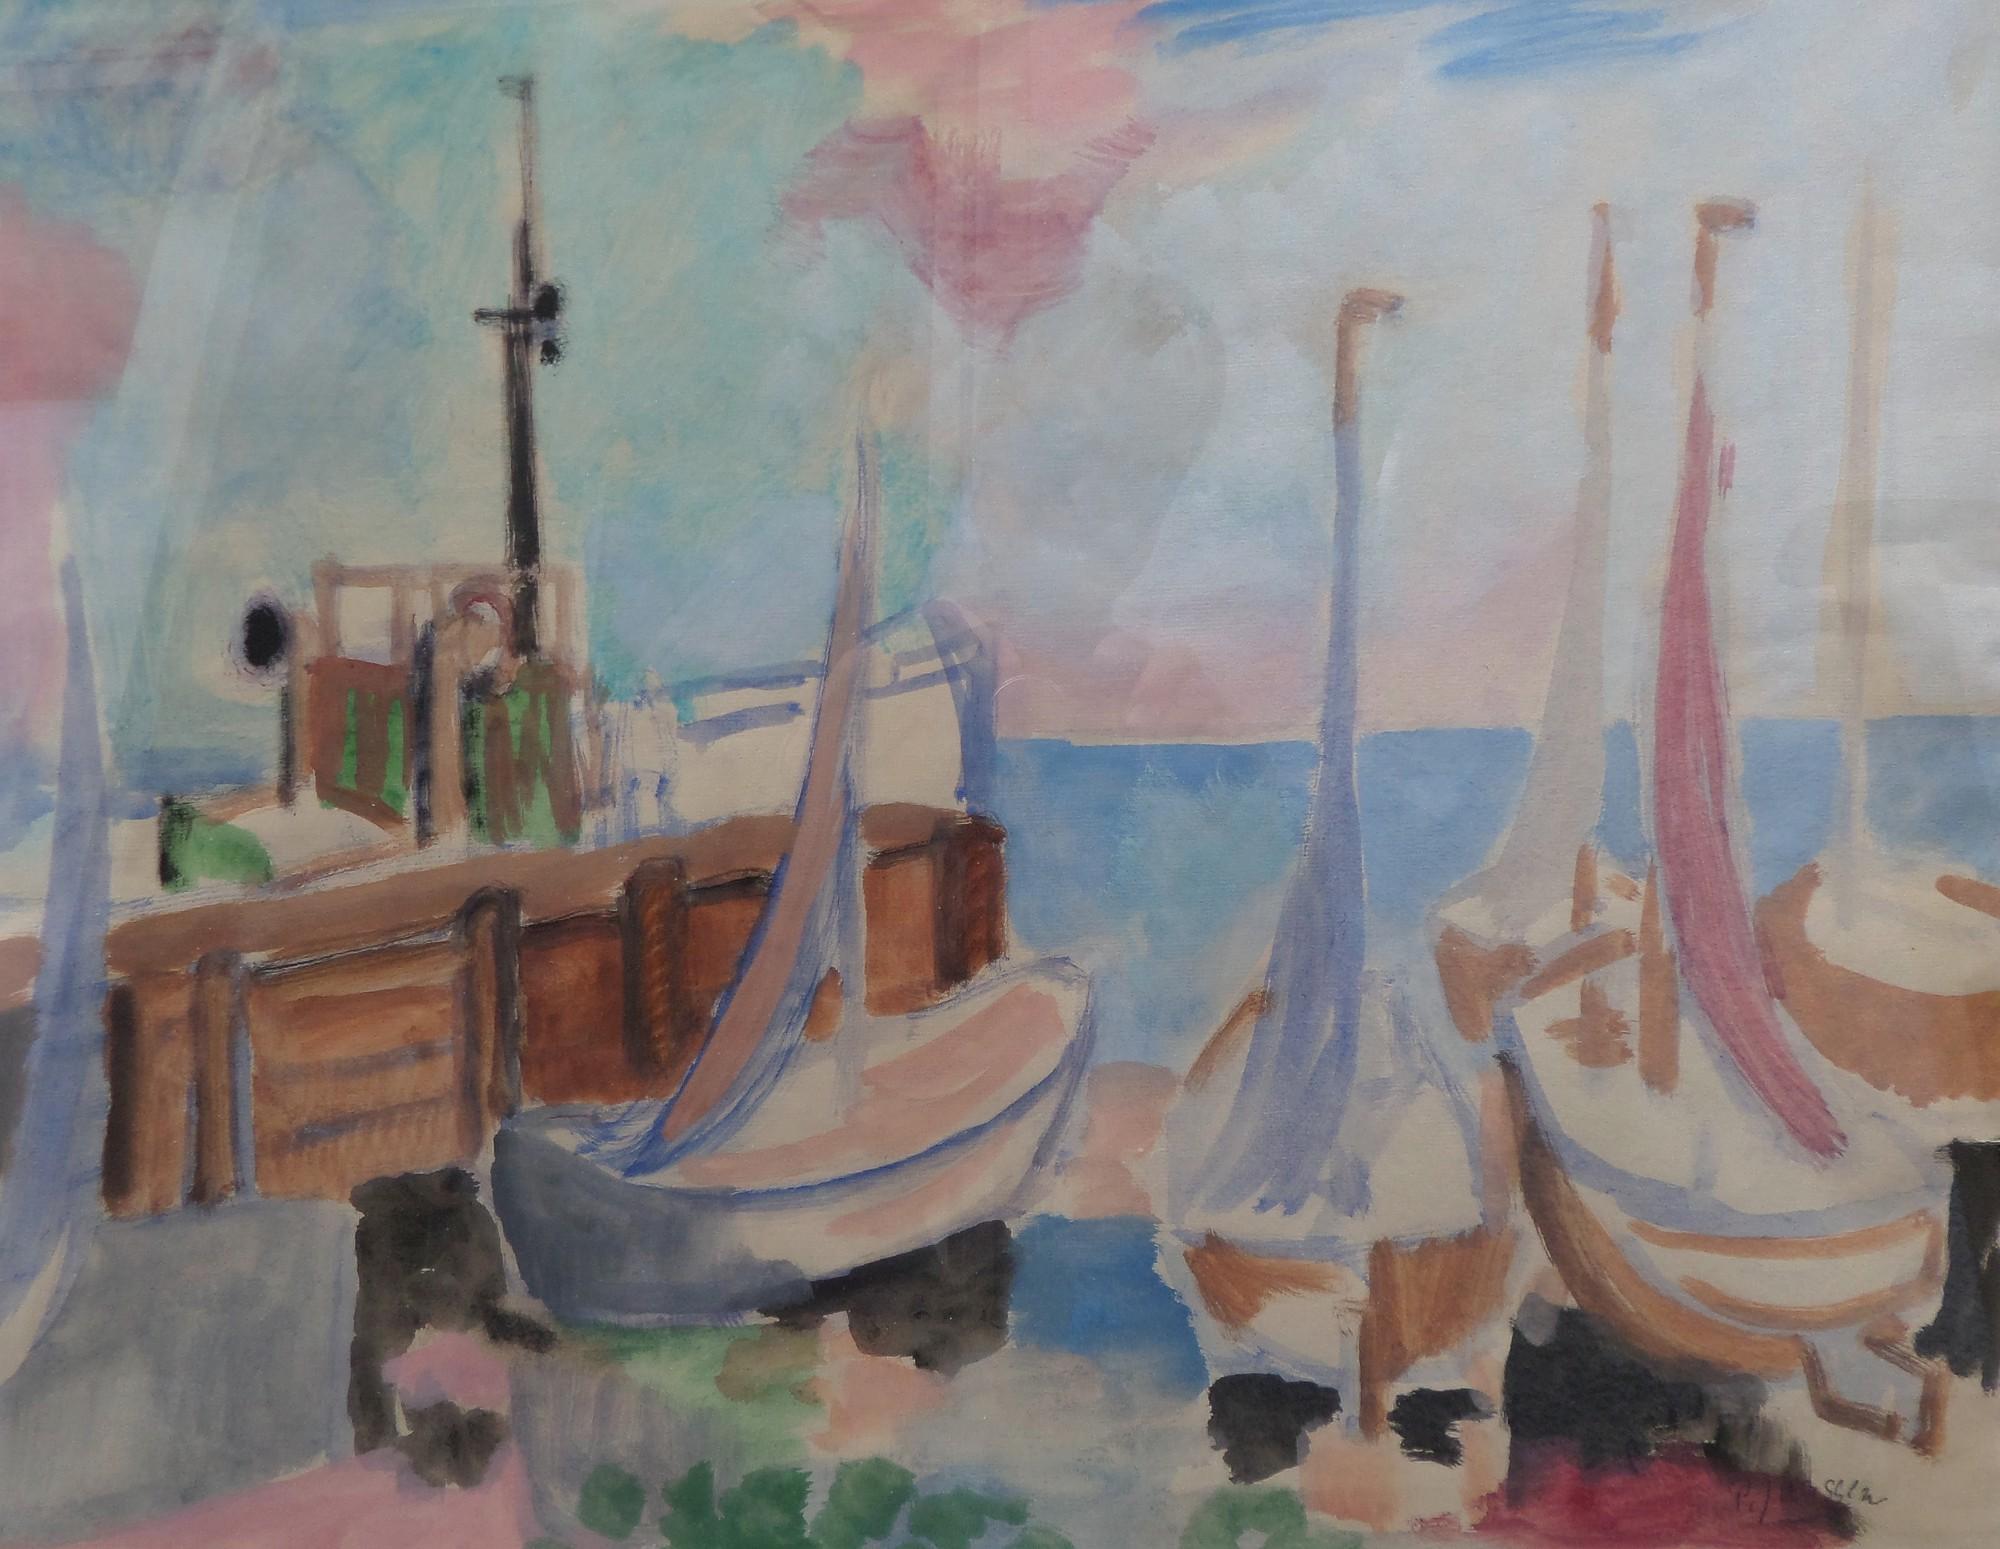 Fischerboote, Aquarell von Peter Janssen, für vergrößerte Ansicht bitte anklicken!